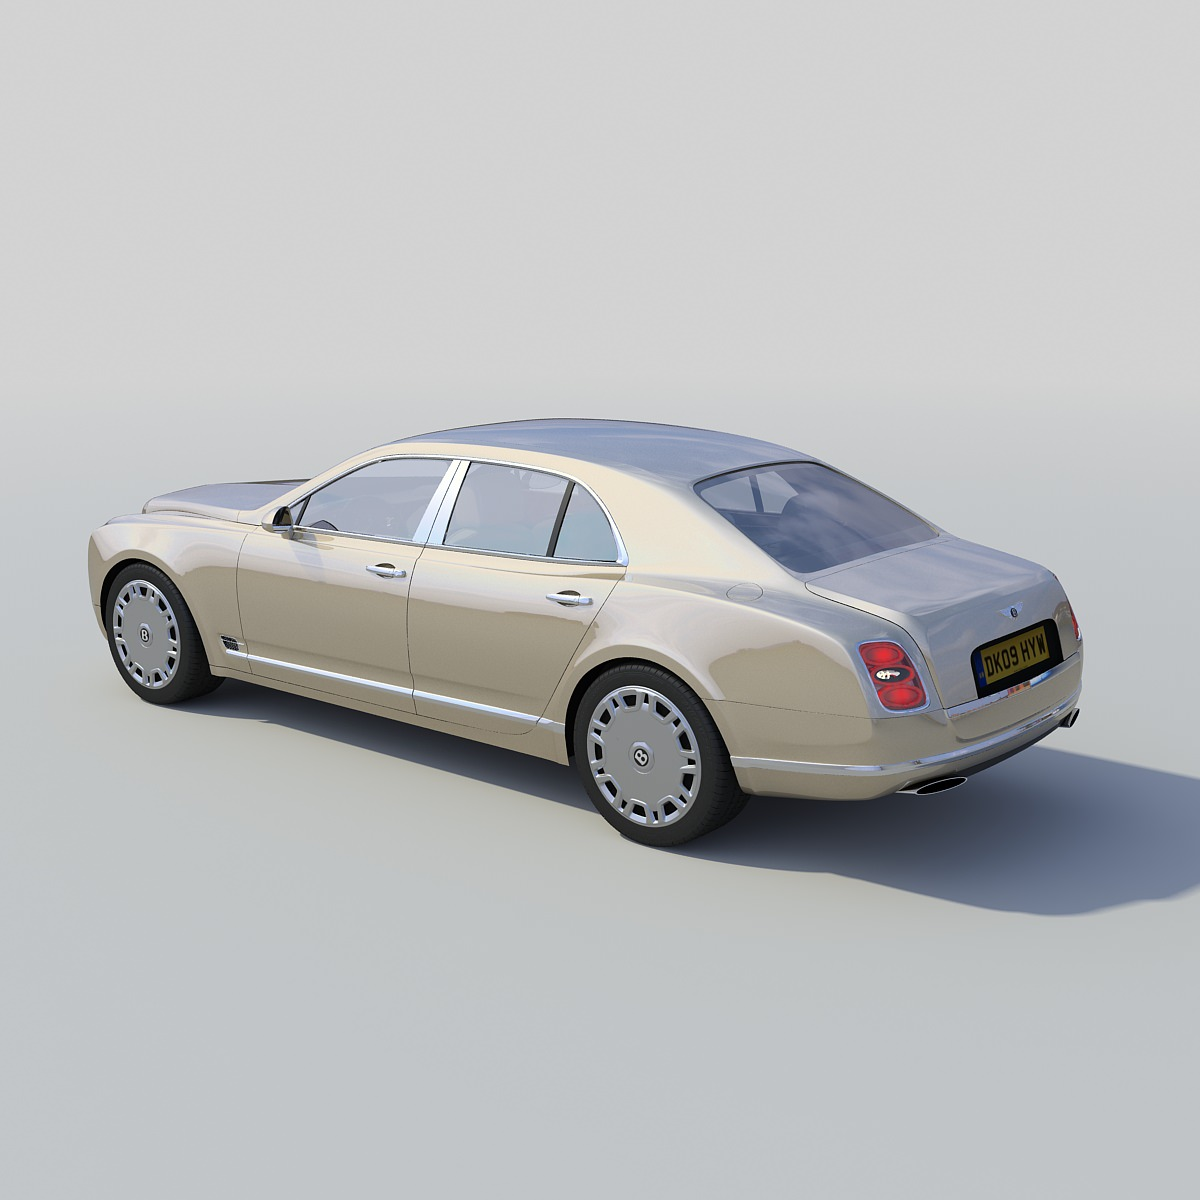 Bentley Price 2015: Bentley Mulsanne 2011 3D Model .max- CGTrader.com